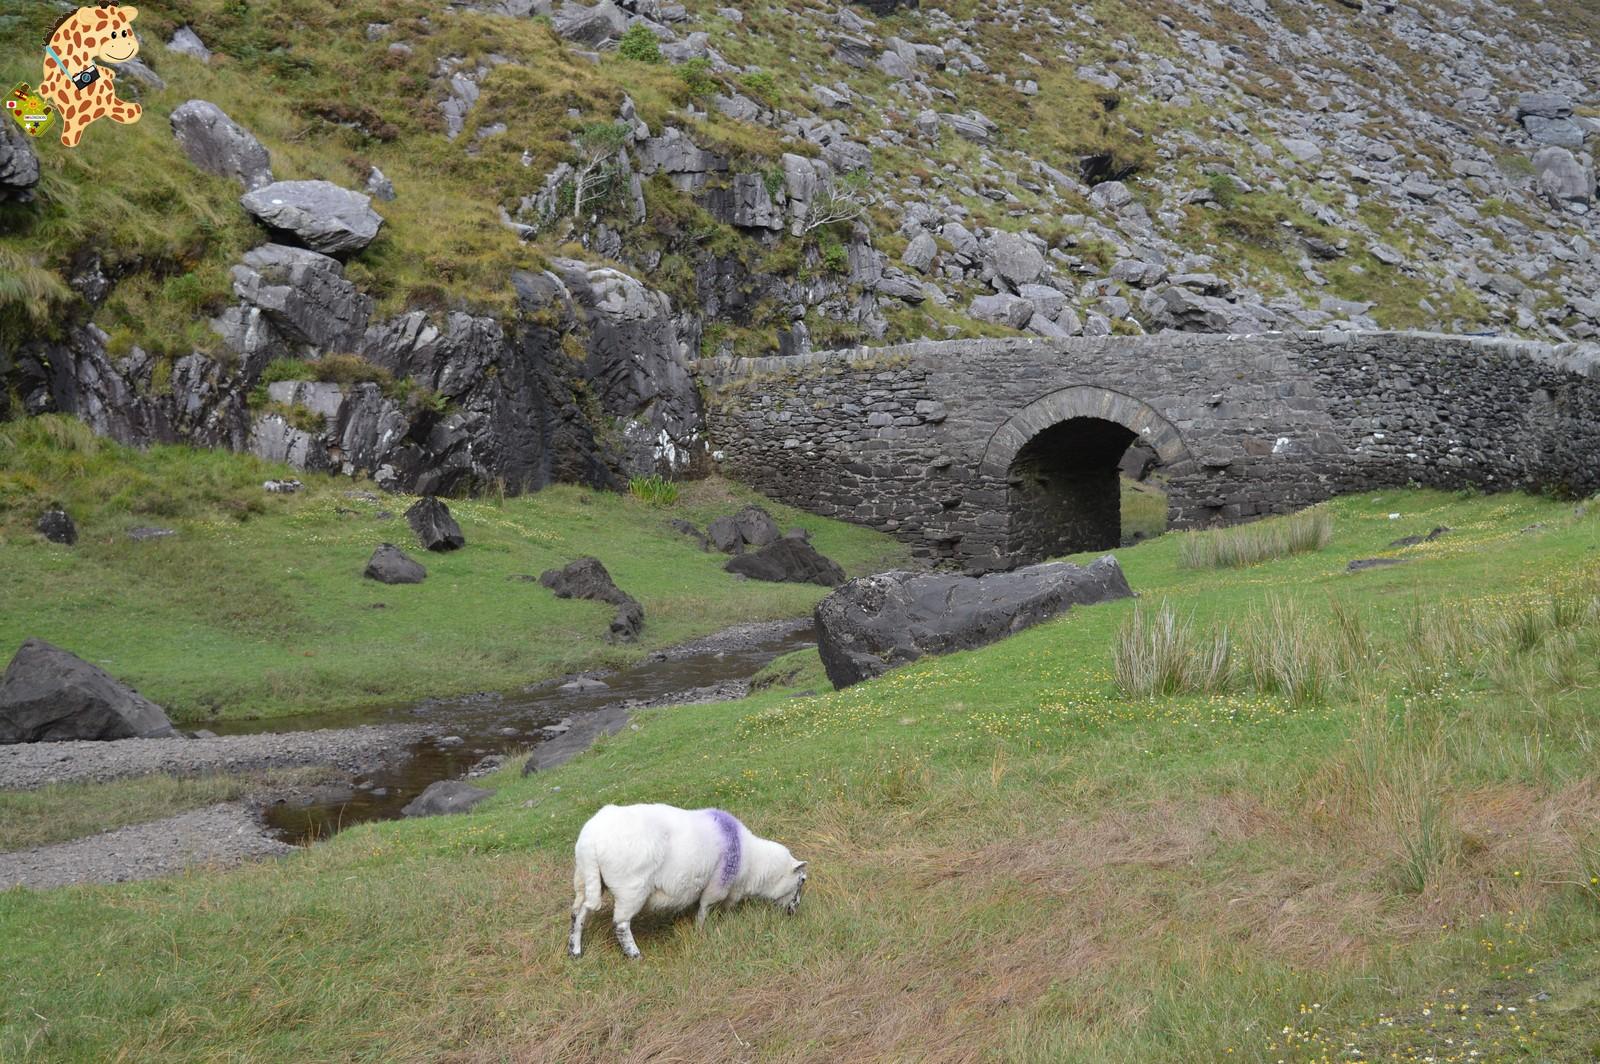 Irlanda en 10 días (IV): Gap of Dunloe, castillo de Blarney y Cork